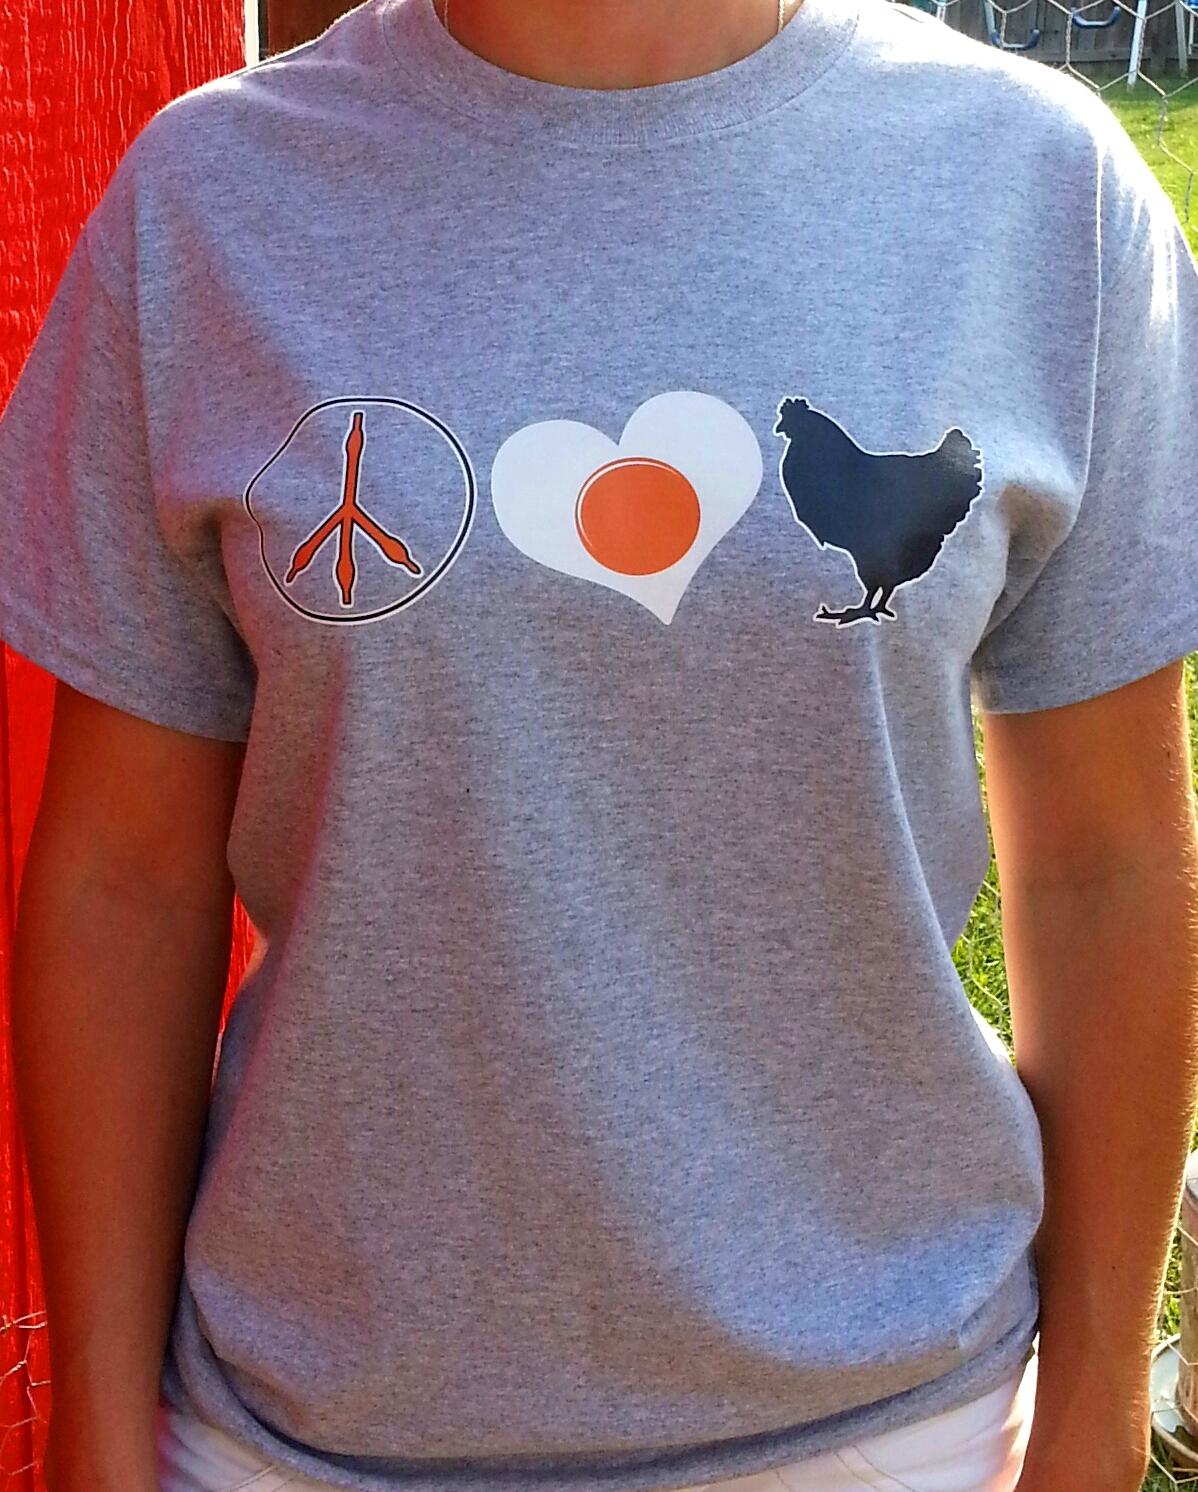 http://www.mypetchicken.com/images/product_images/Popup/Lauren%20shirt%201%20(2).jpg